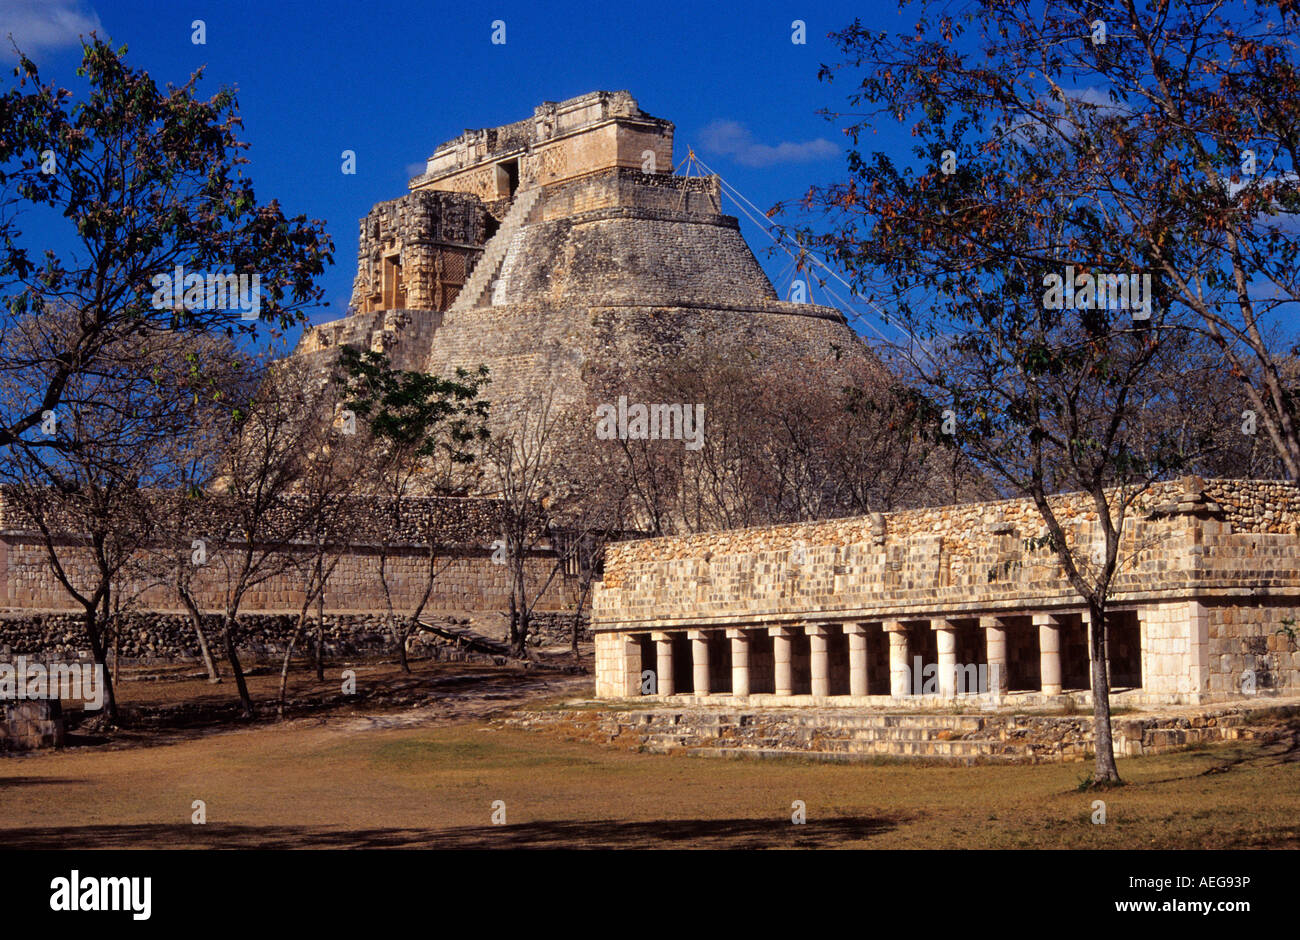 Pyramid of  The Magician , Uxmal. Puuc-style Mayan ruins. Yucatán, Mexico. - Stock Image